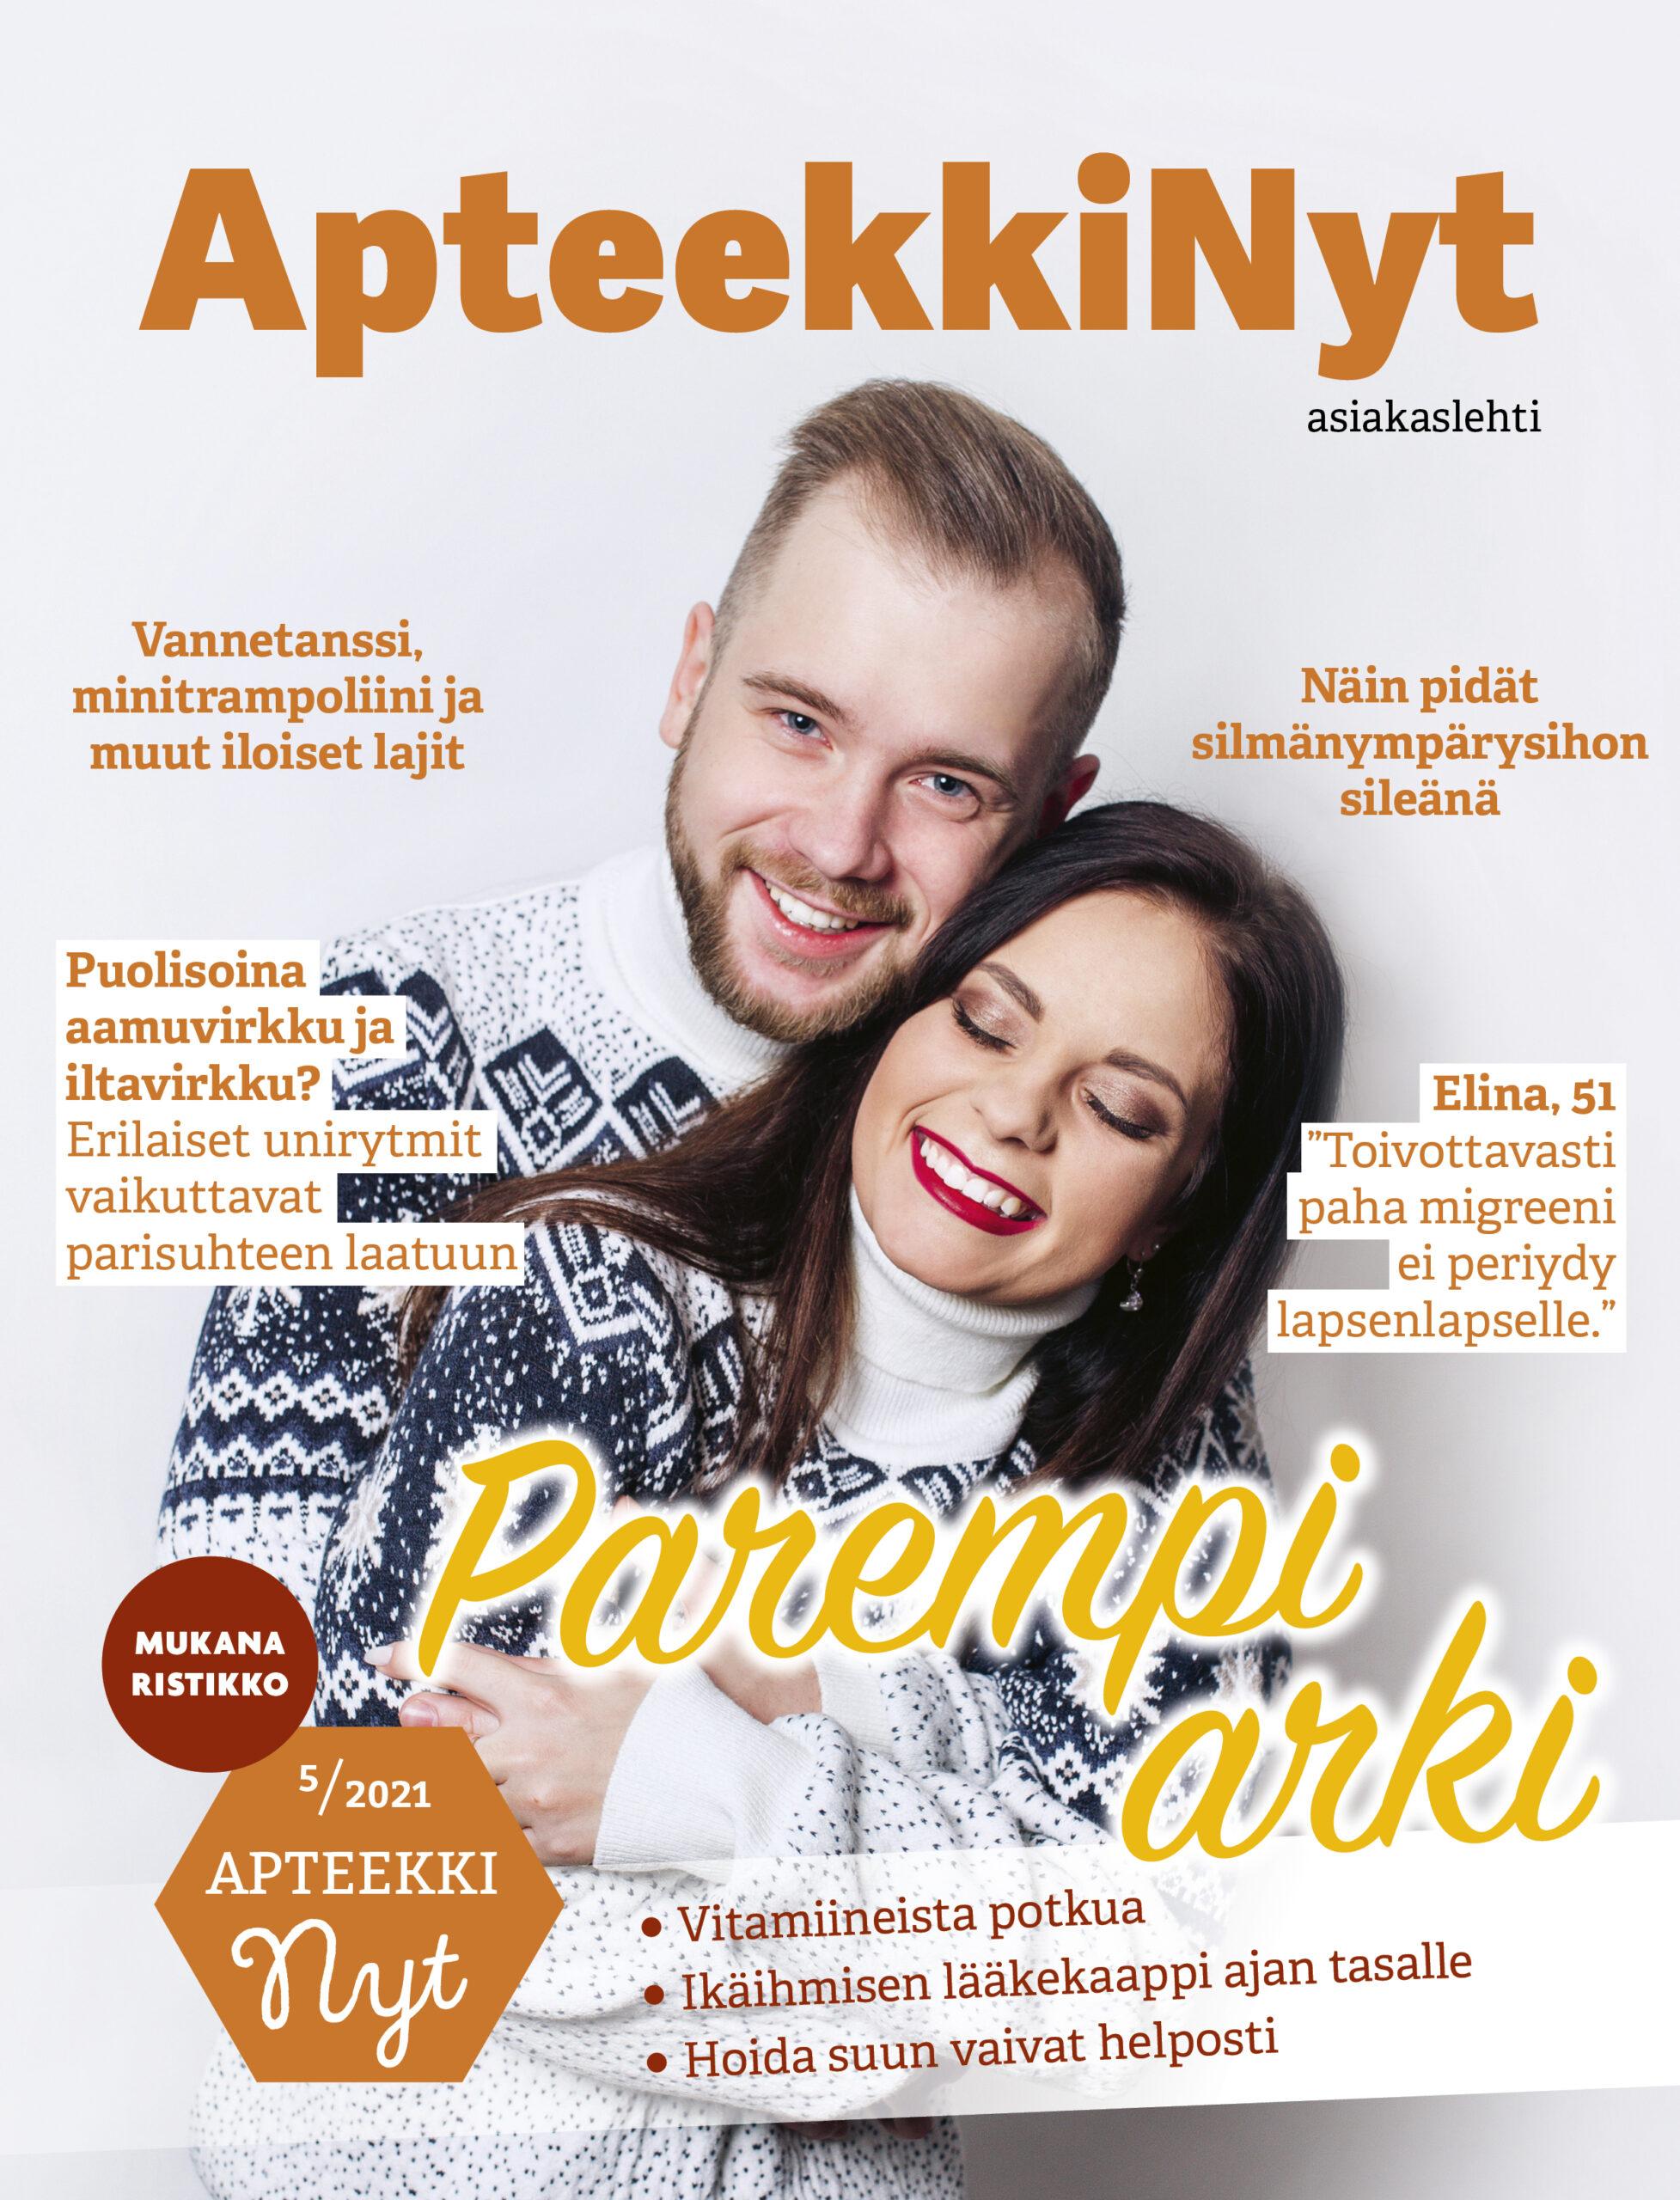 ApteekkiNyt_kansi_05_FI